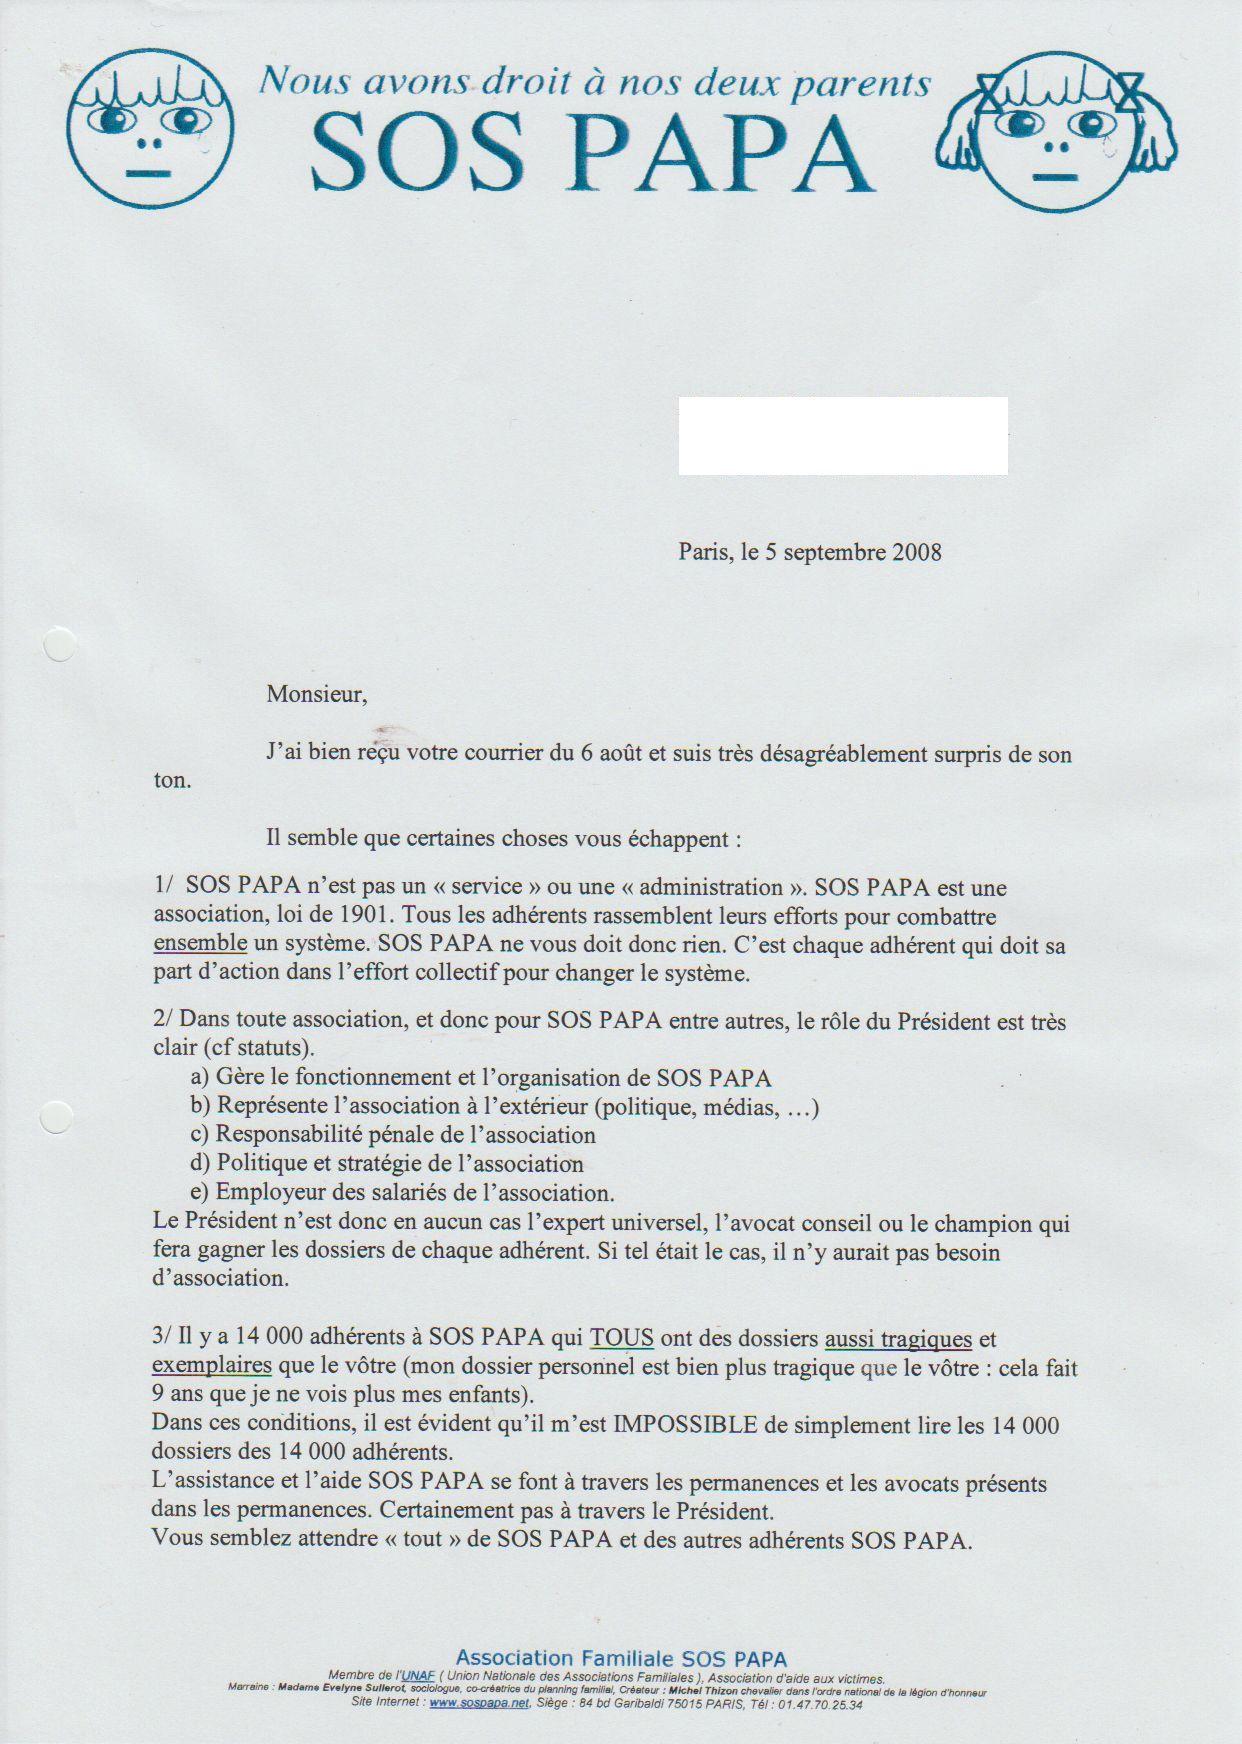 Courrier d'Alain Cazenave, 5 septembre 2008